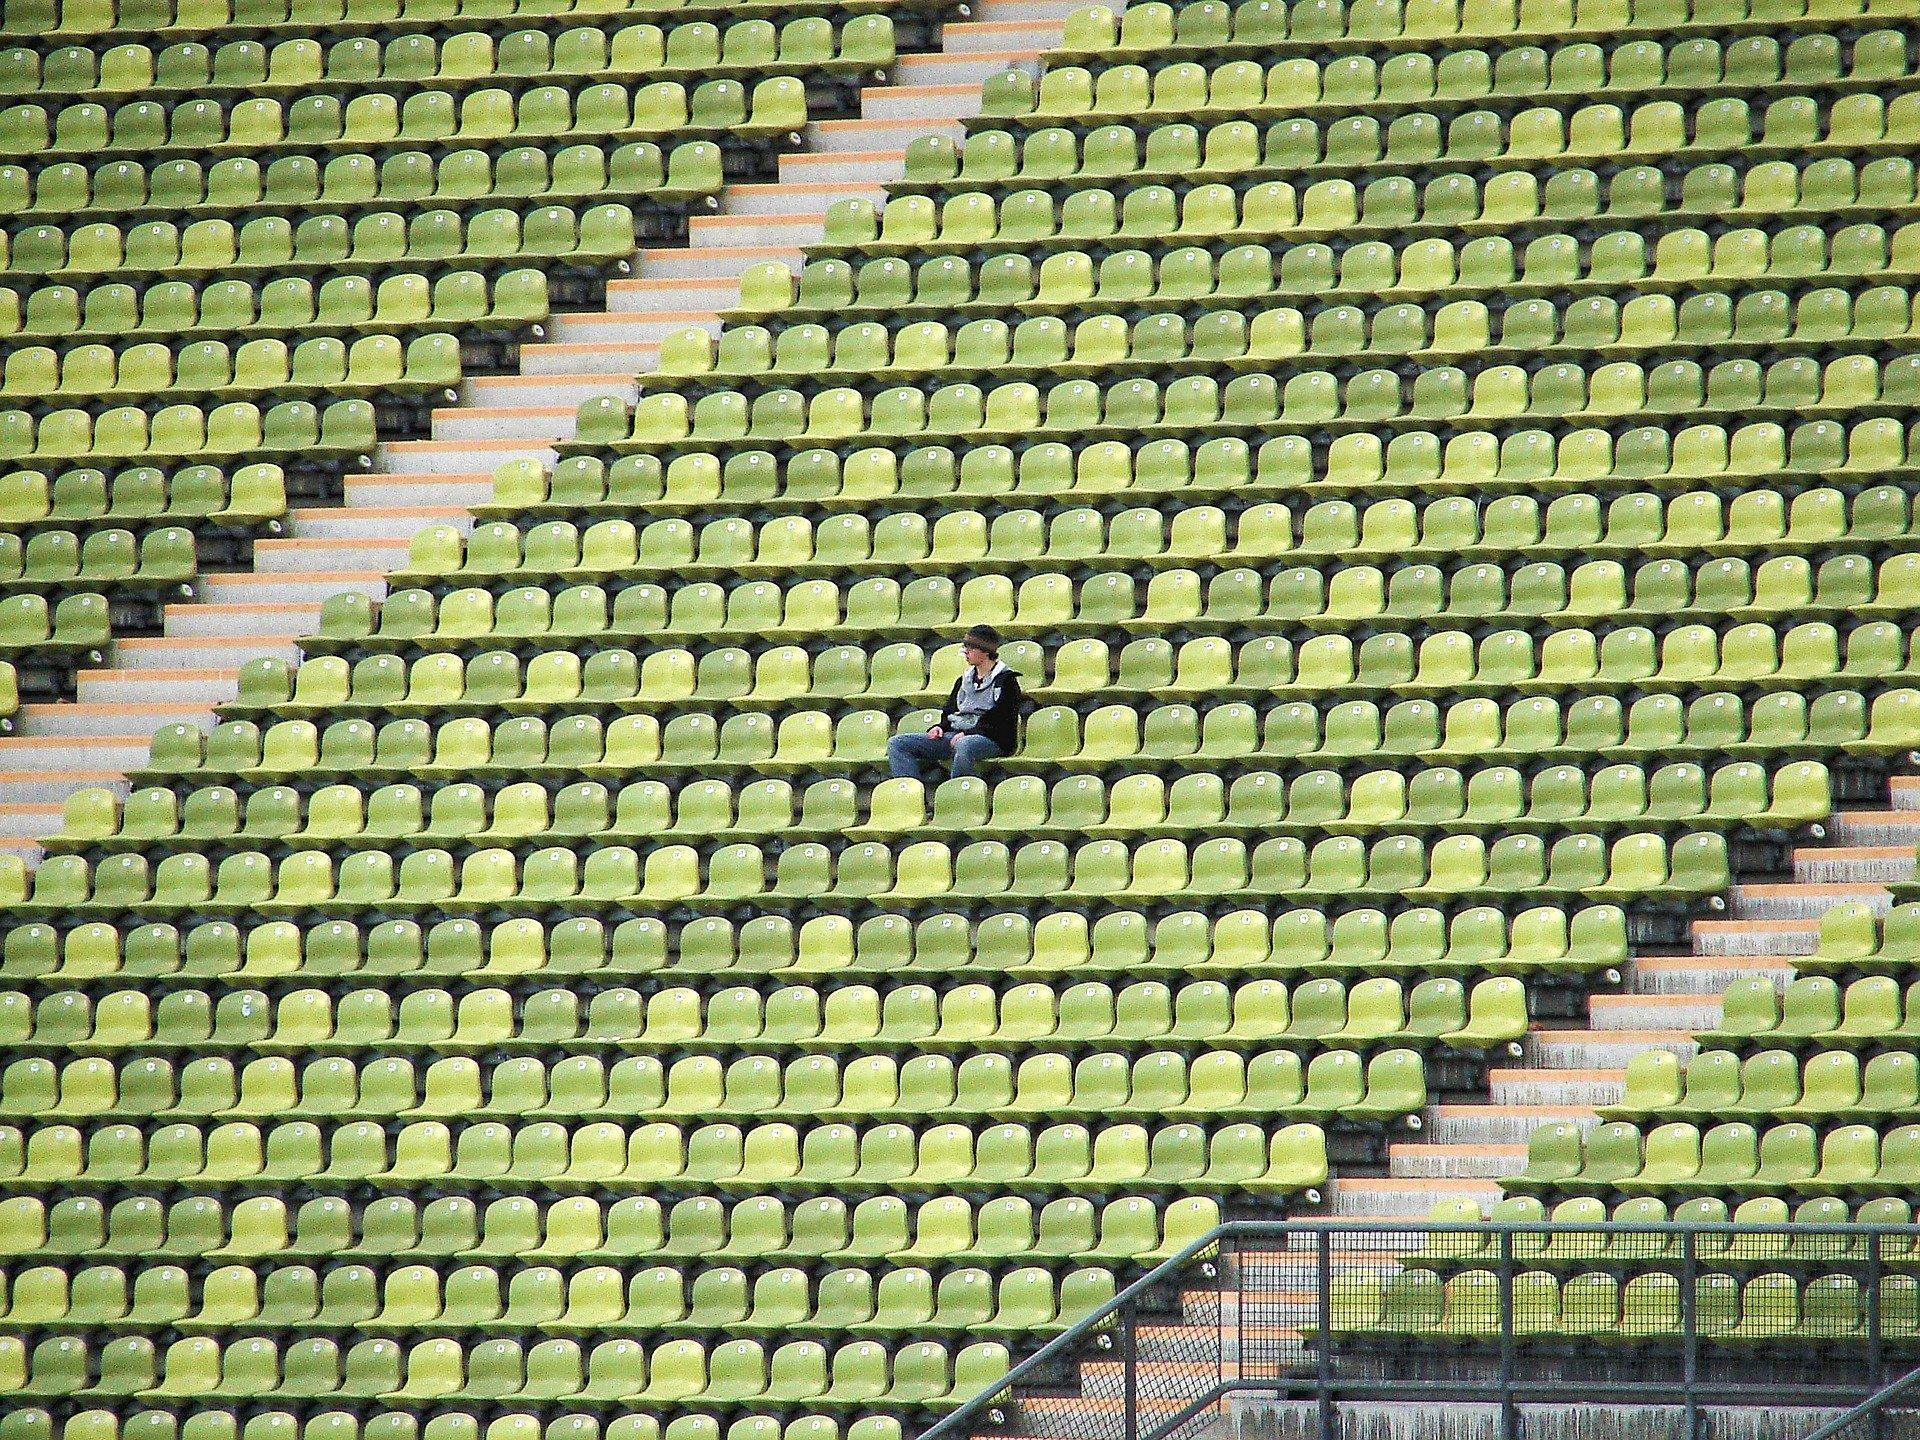 soziale Isolation